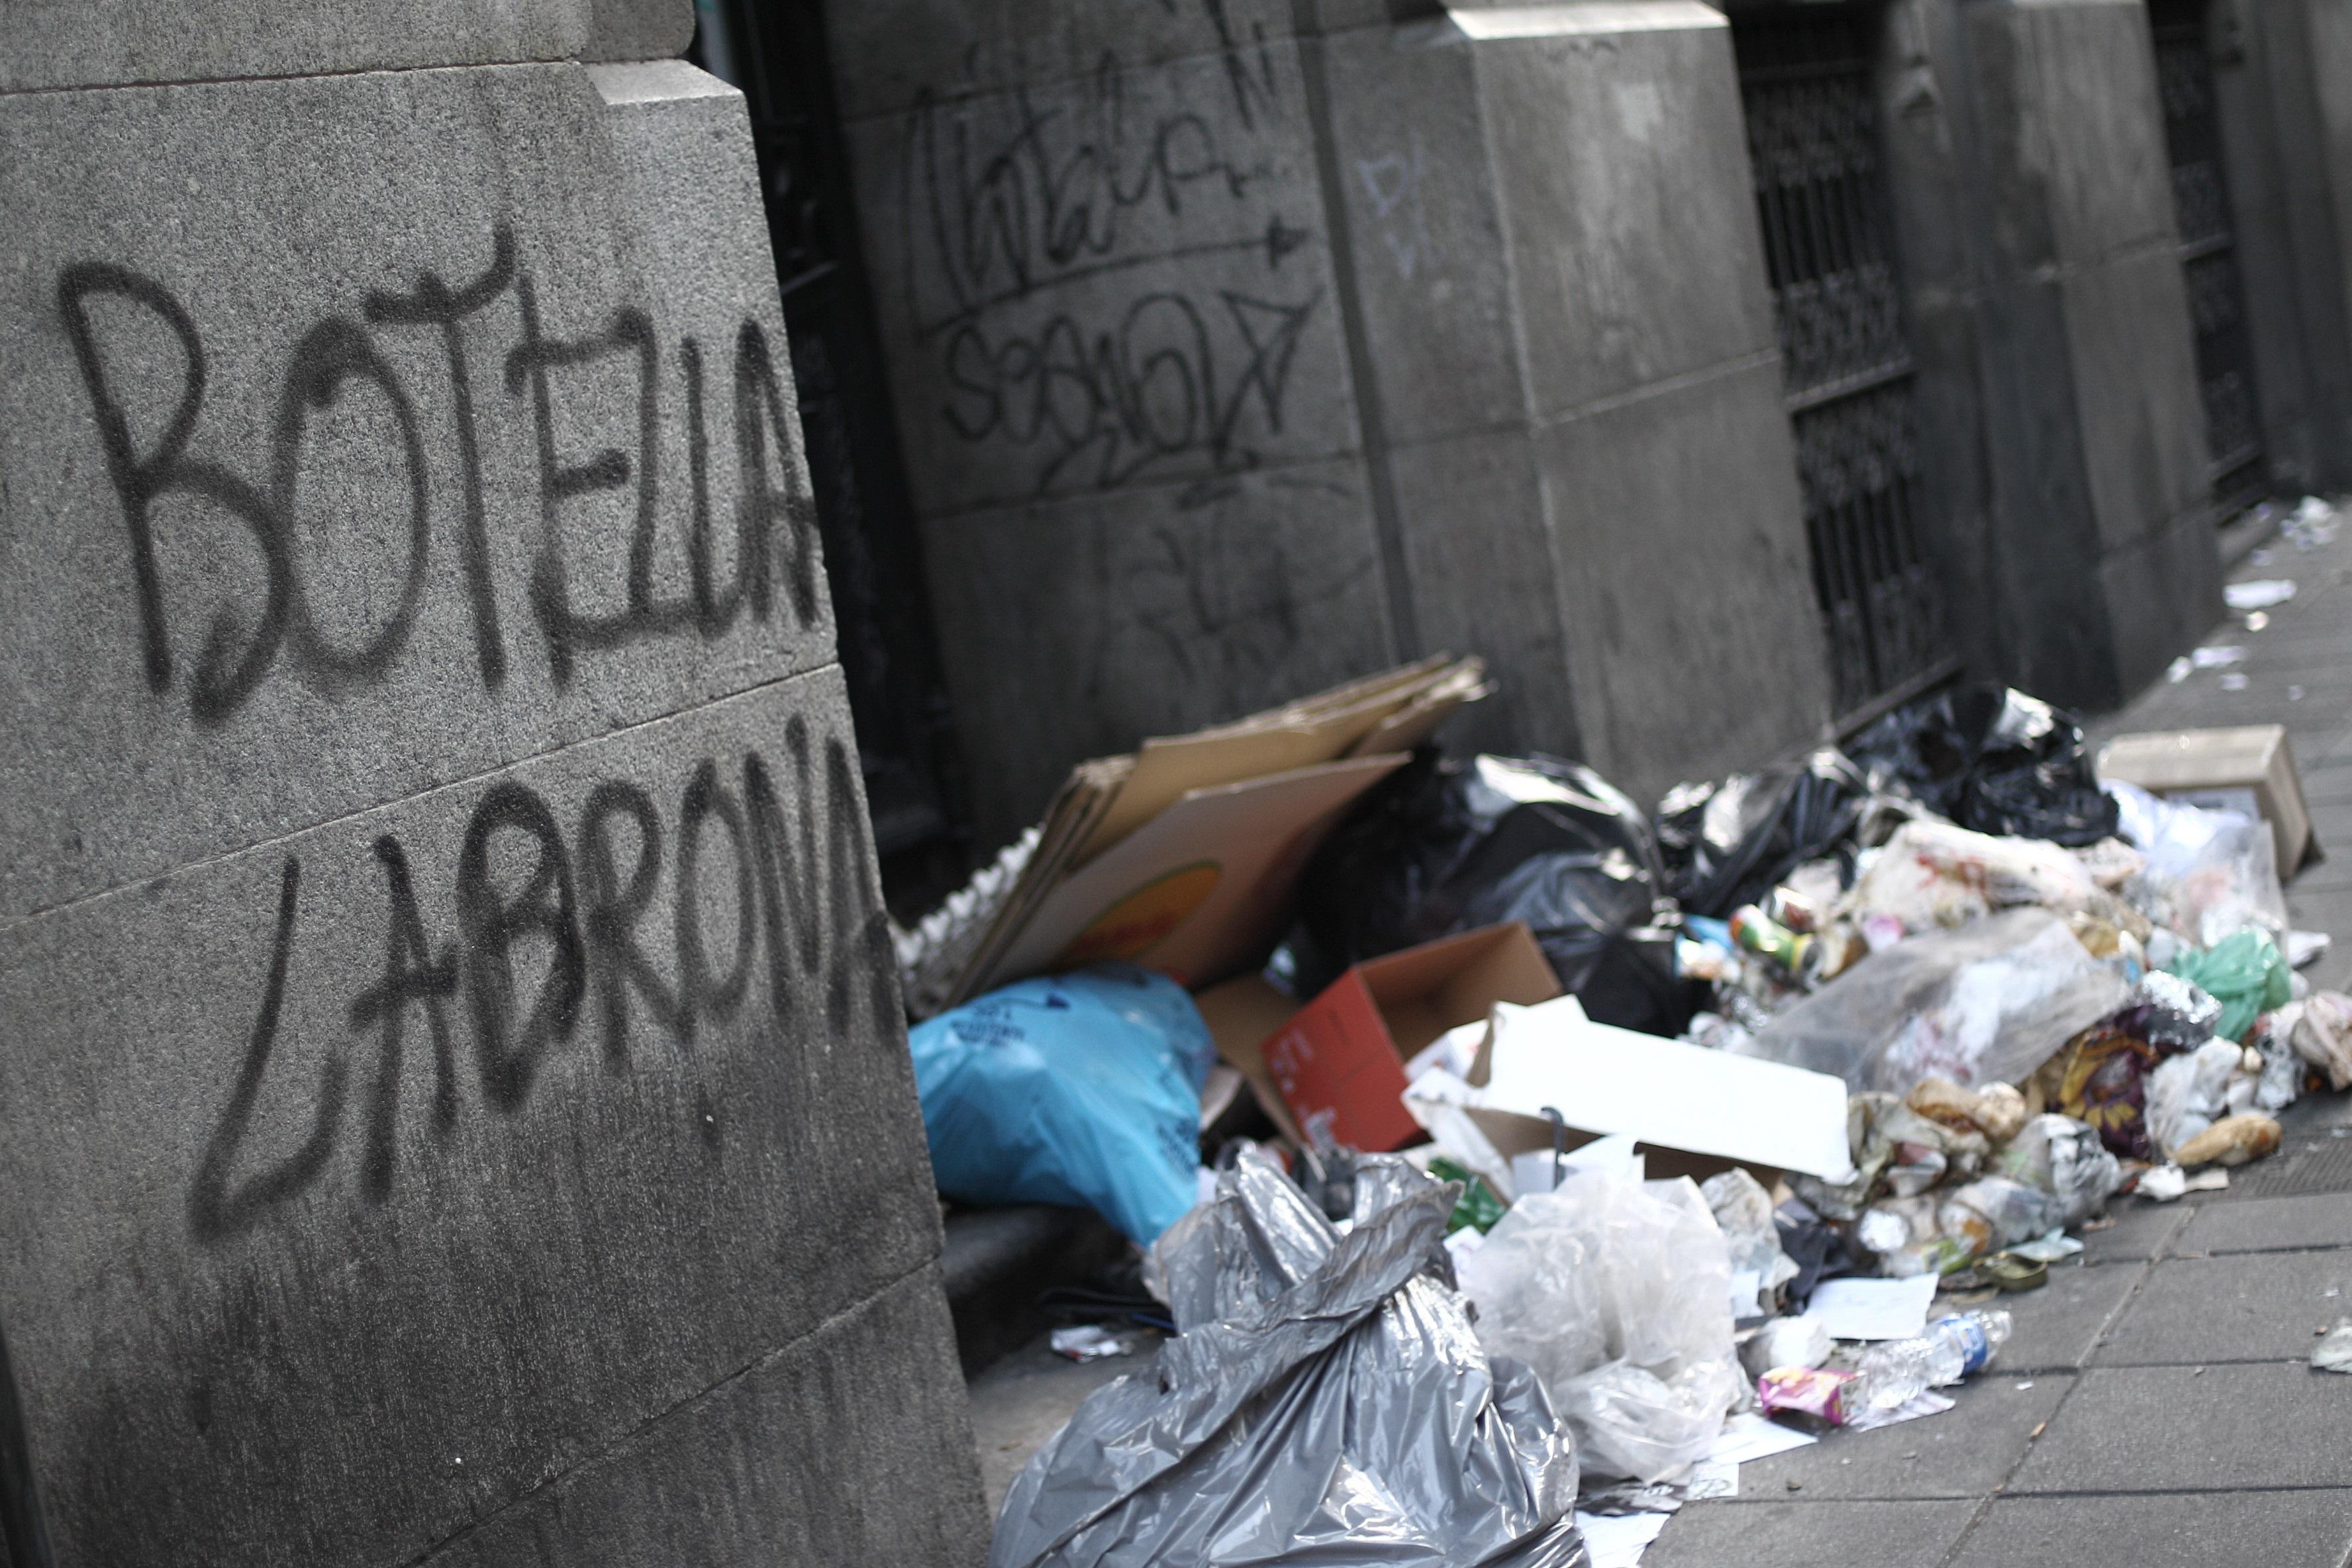 La huelga de limpieza se salda con 8.716 horas extras de 3.488 agentes municipales y 125 inspecciones sanitarias diarias